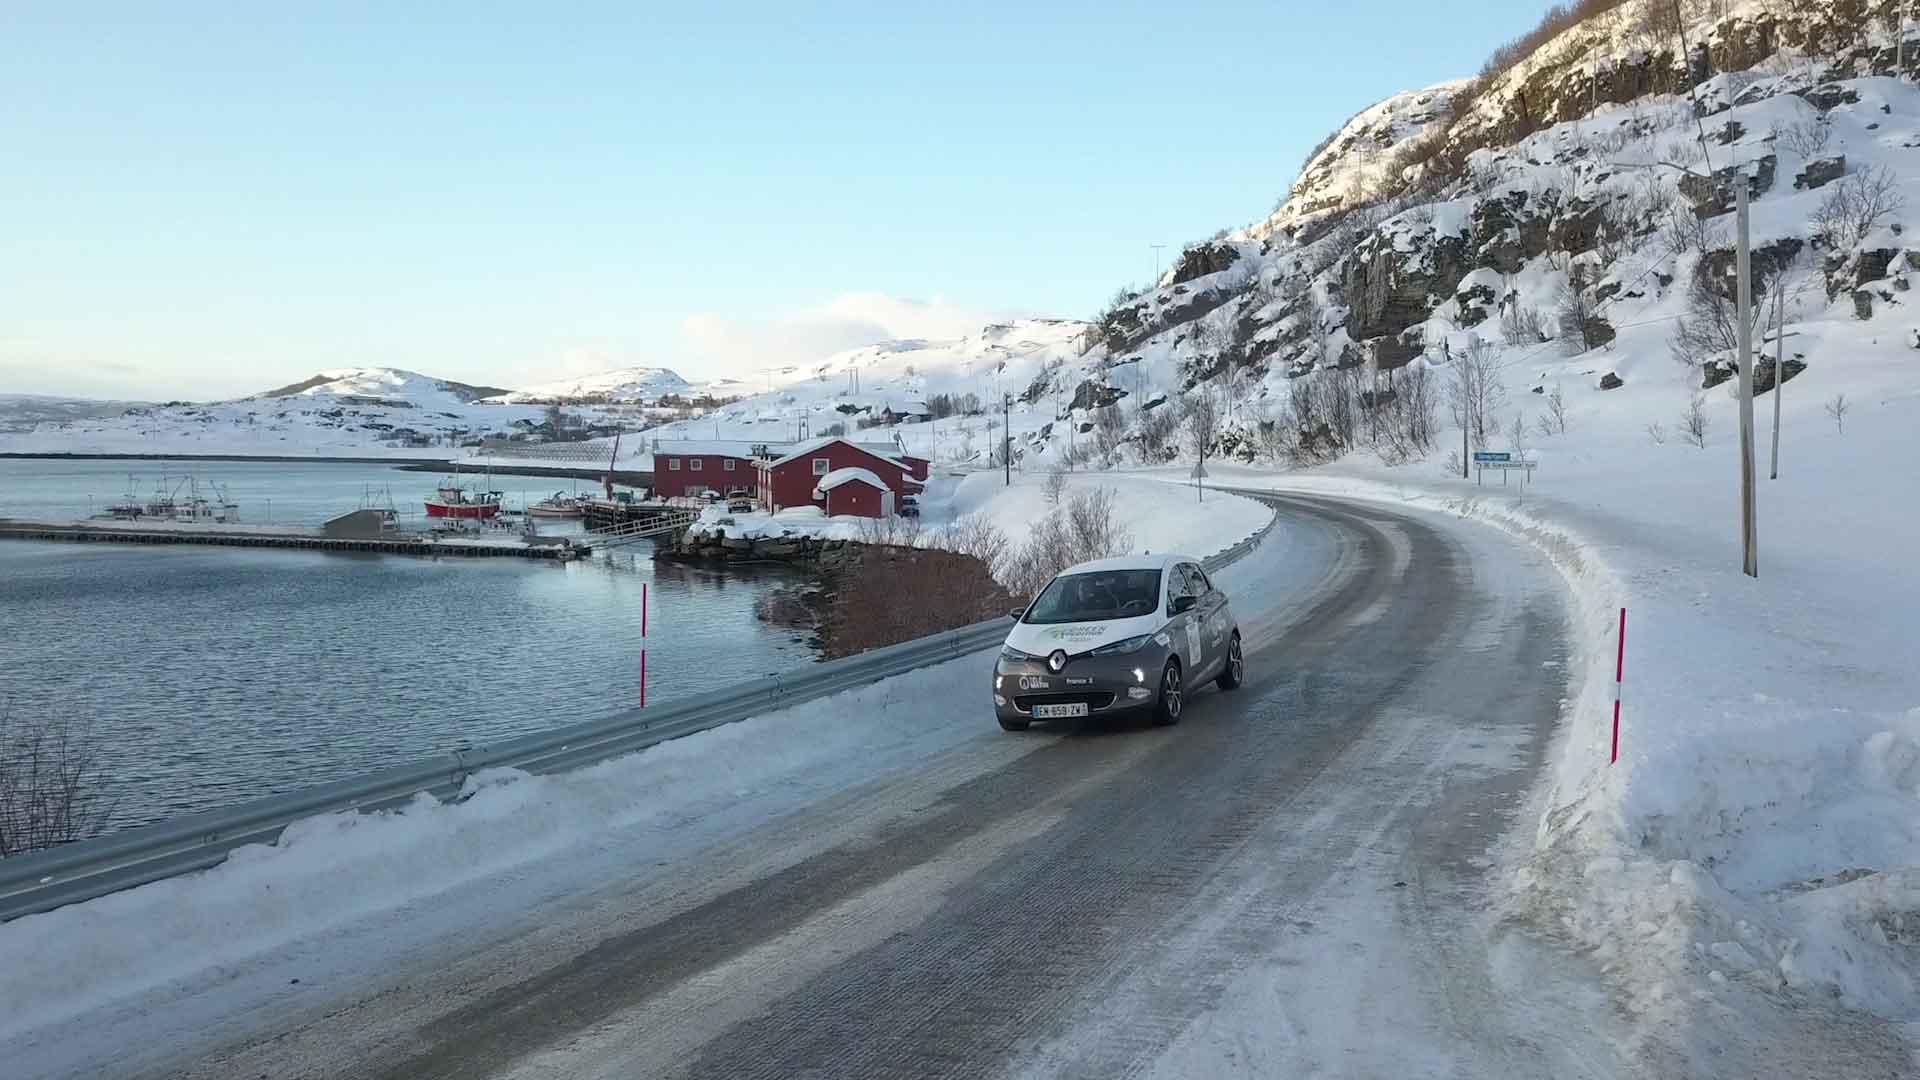 Двум водителям Renault ZOE удалось преодолеть более 200км без подзарядки при -35 °C